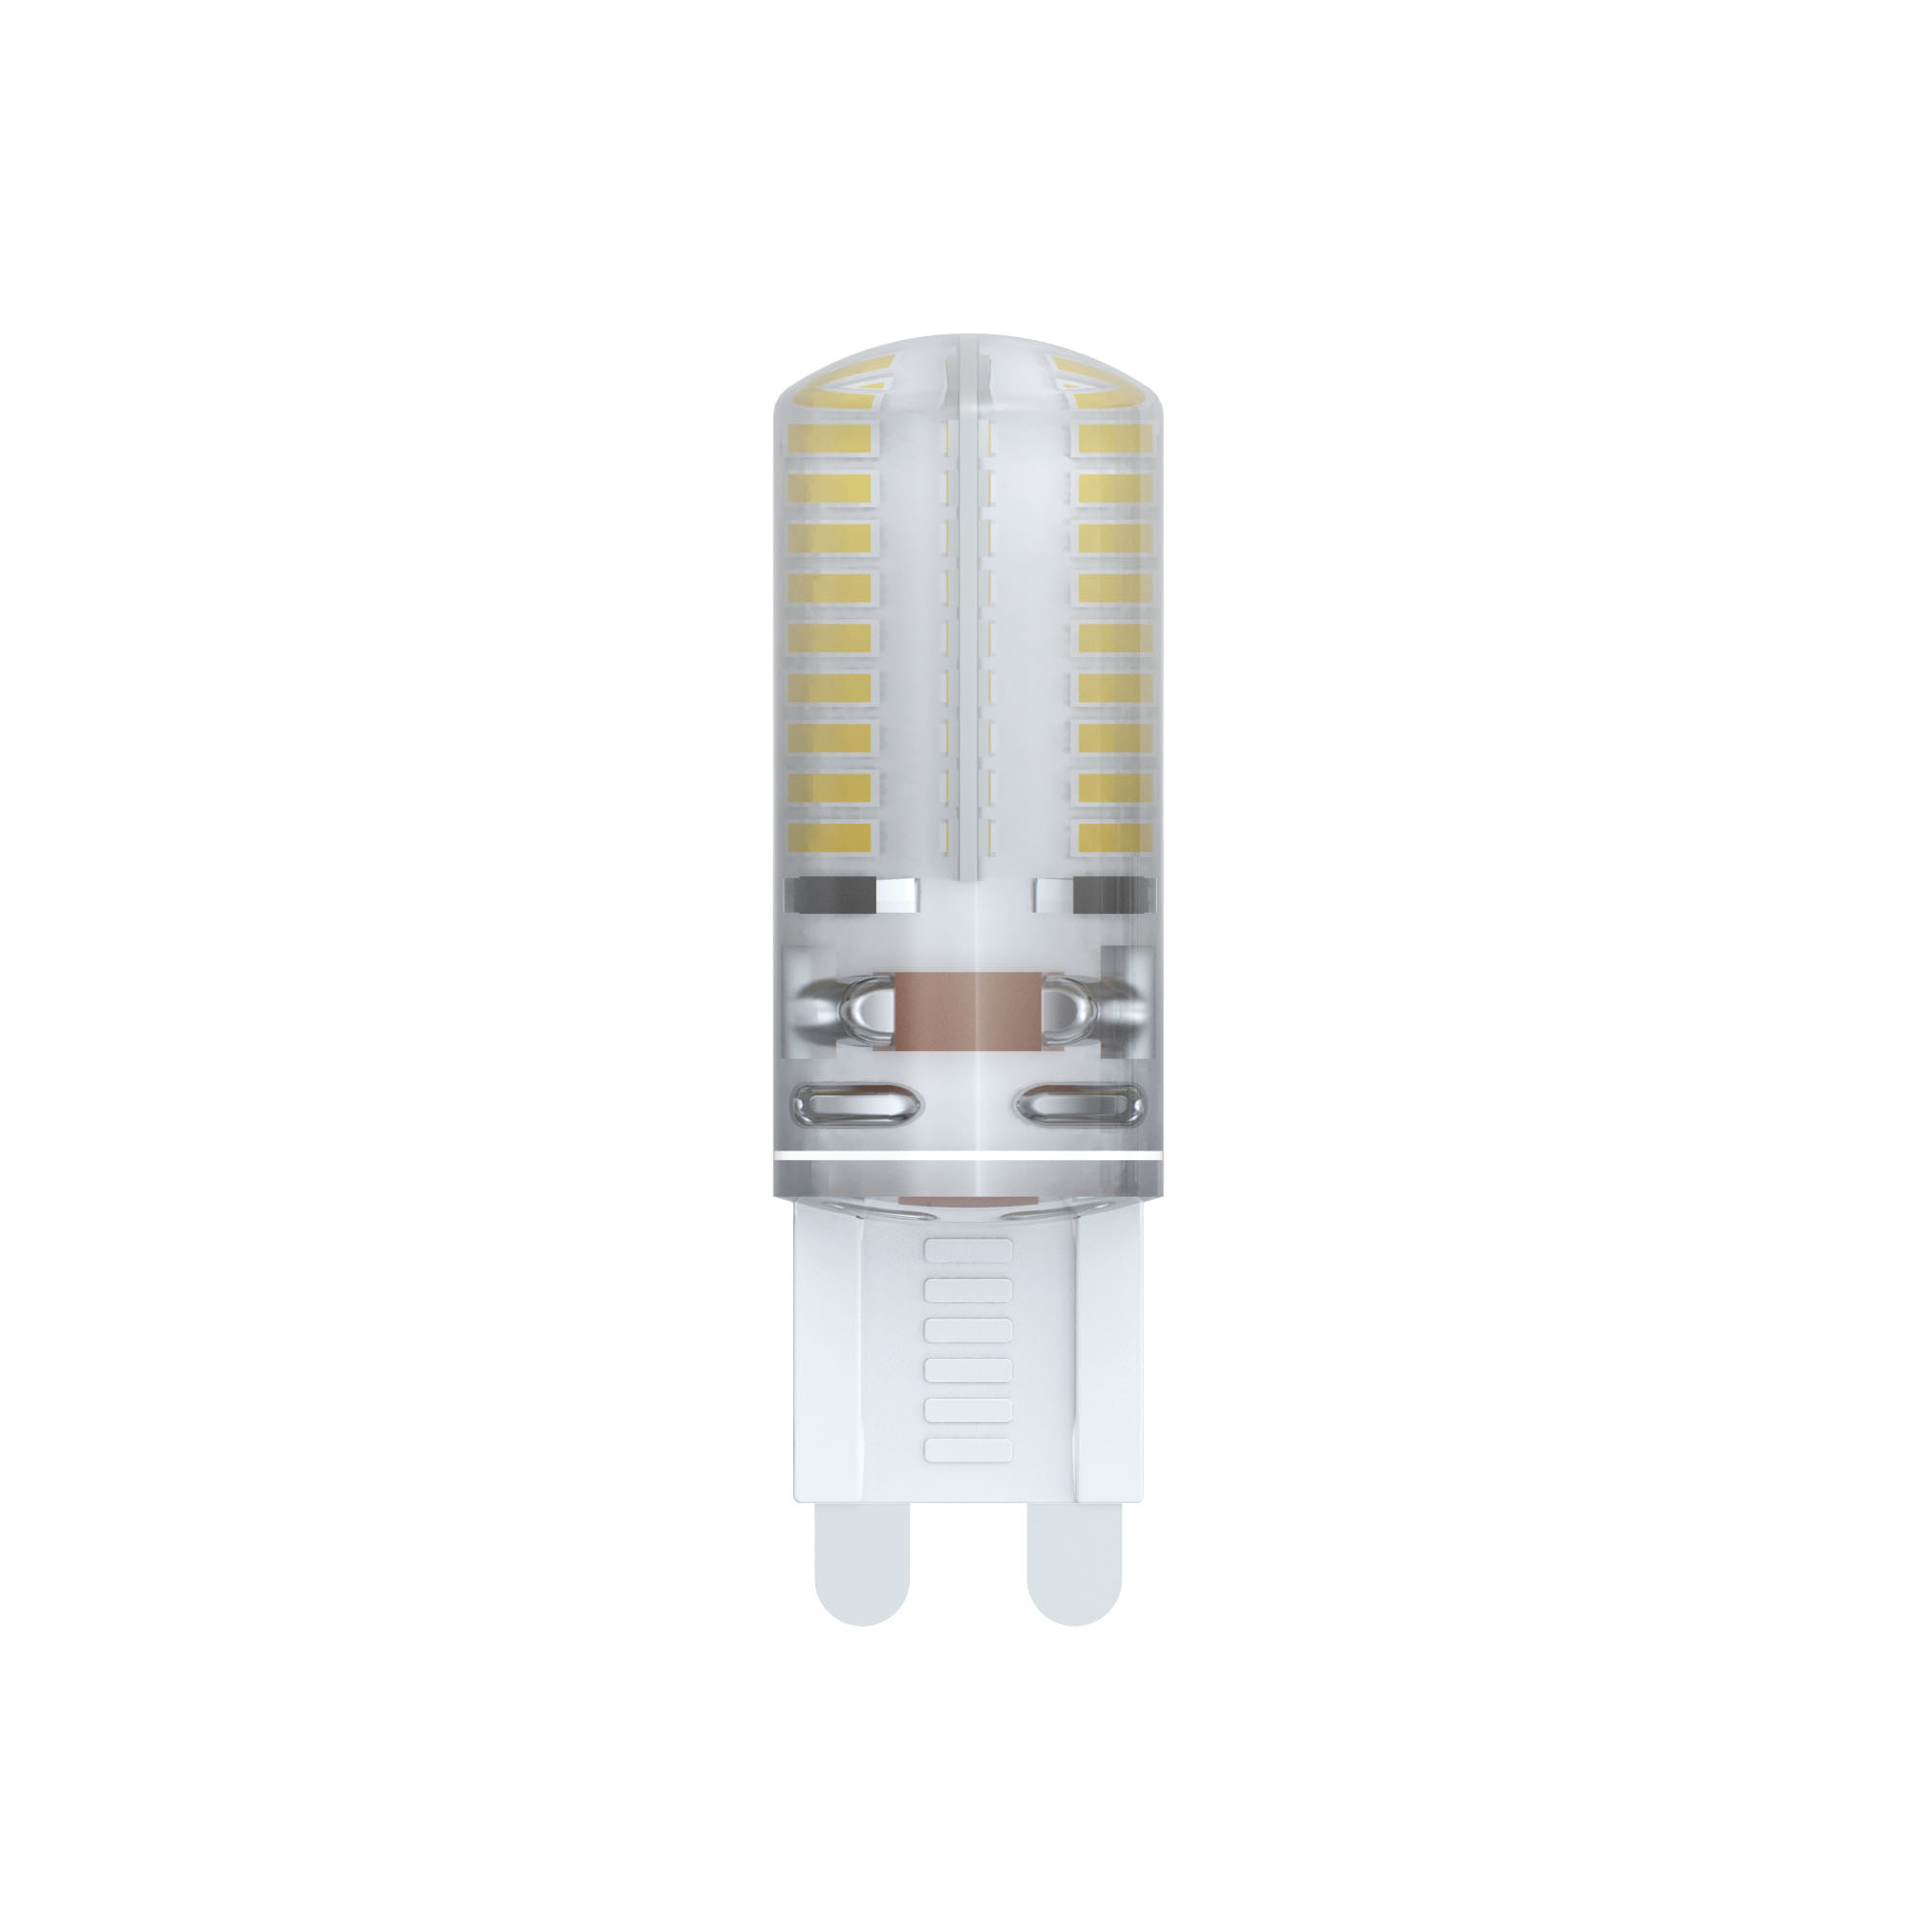 Лампа светодиодная Uniel Led-jcd-4w/ww/g9/cl/dim siz03tr 20шт